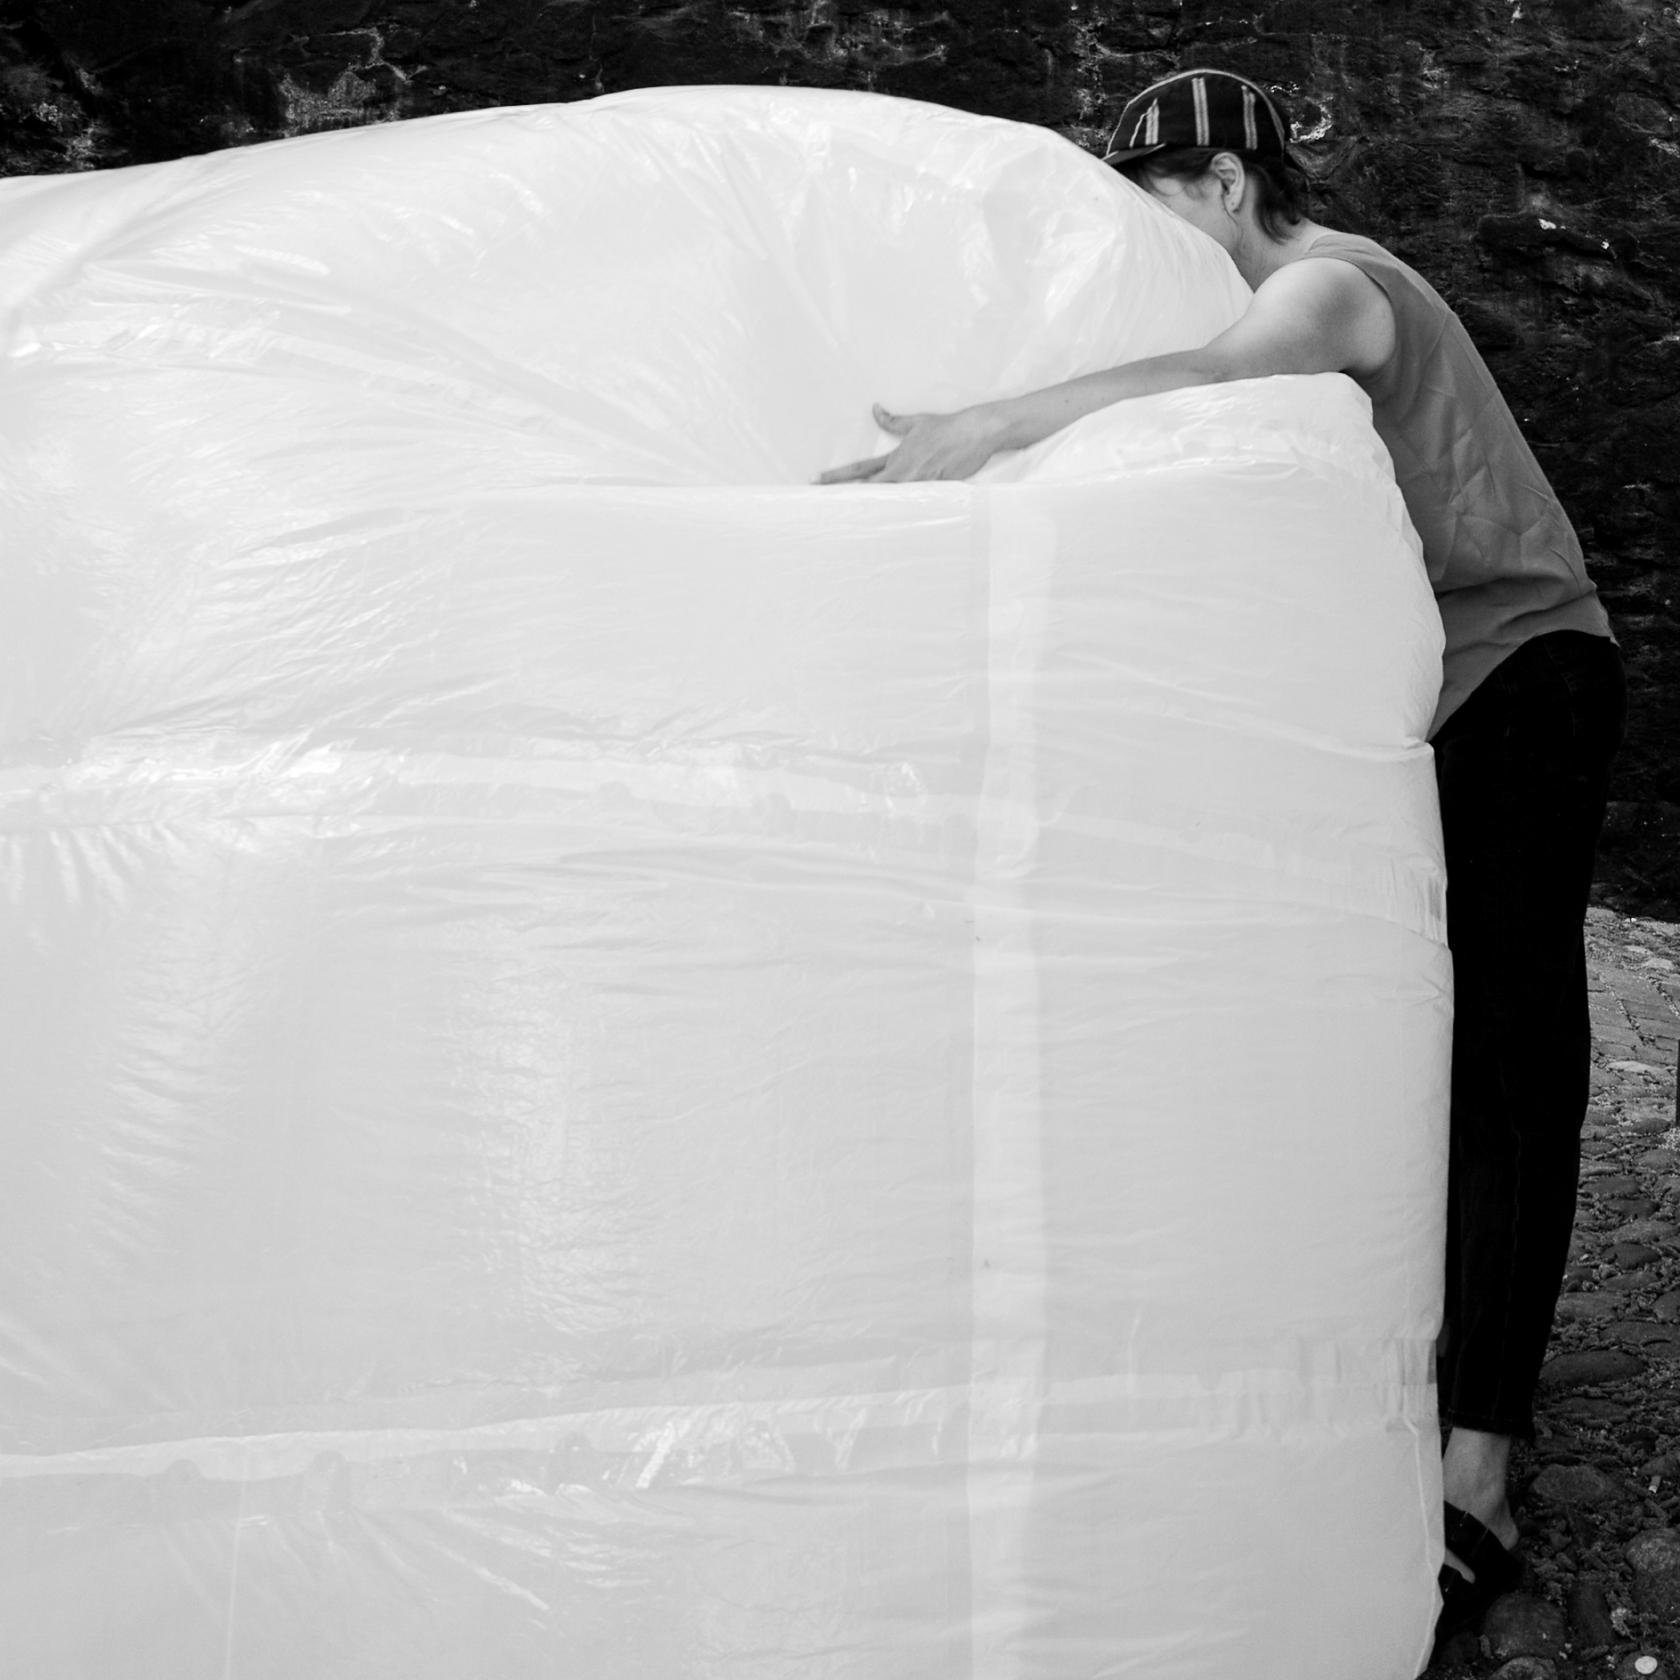 Hug-Airbag_005